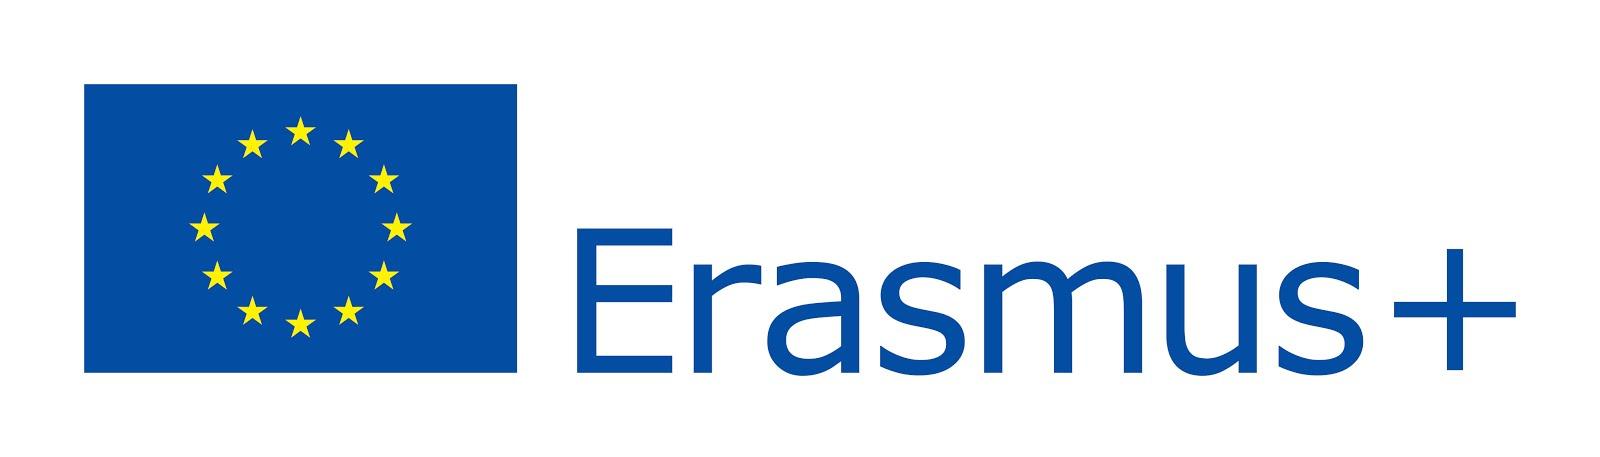 """✔ Συμμετοχή σε Ευρωπαϊκά προγράμματα """"Erasmus+"""""""